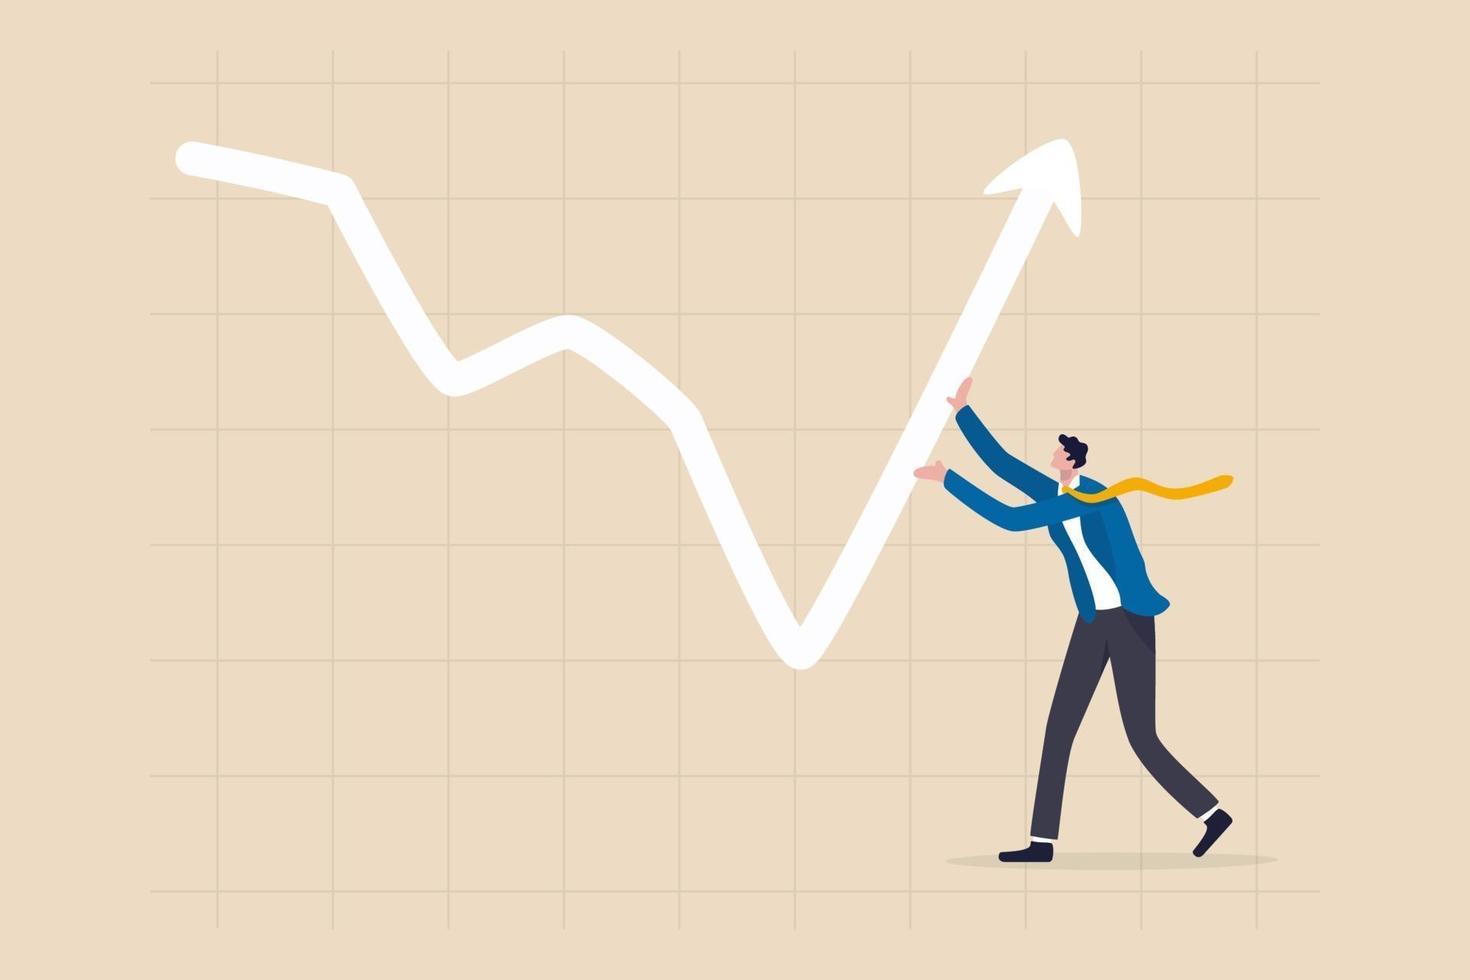 investidor empurrando um gráfico de seta e um gráfico para subir vetor